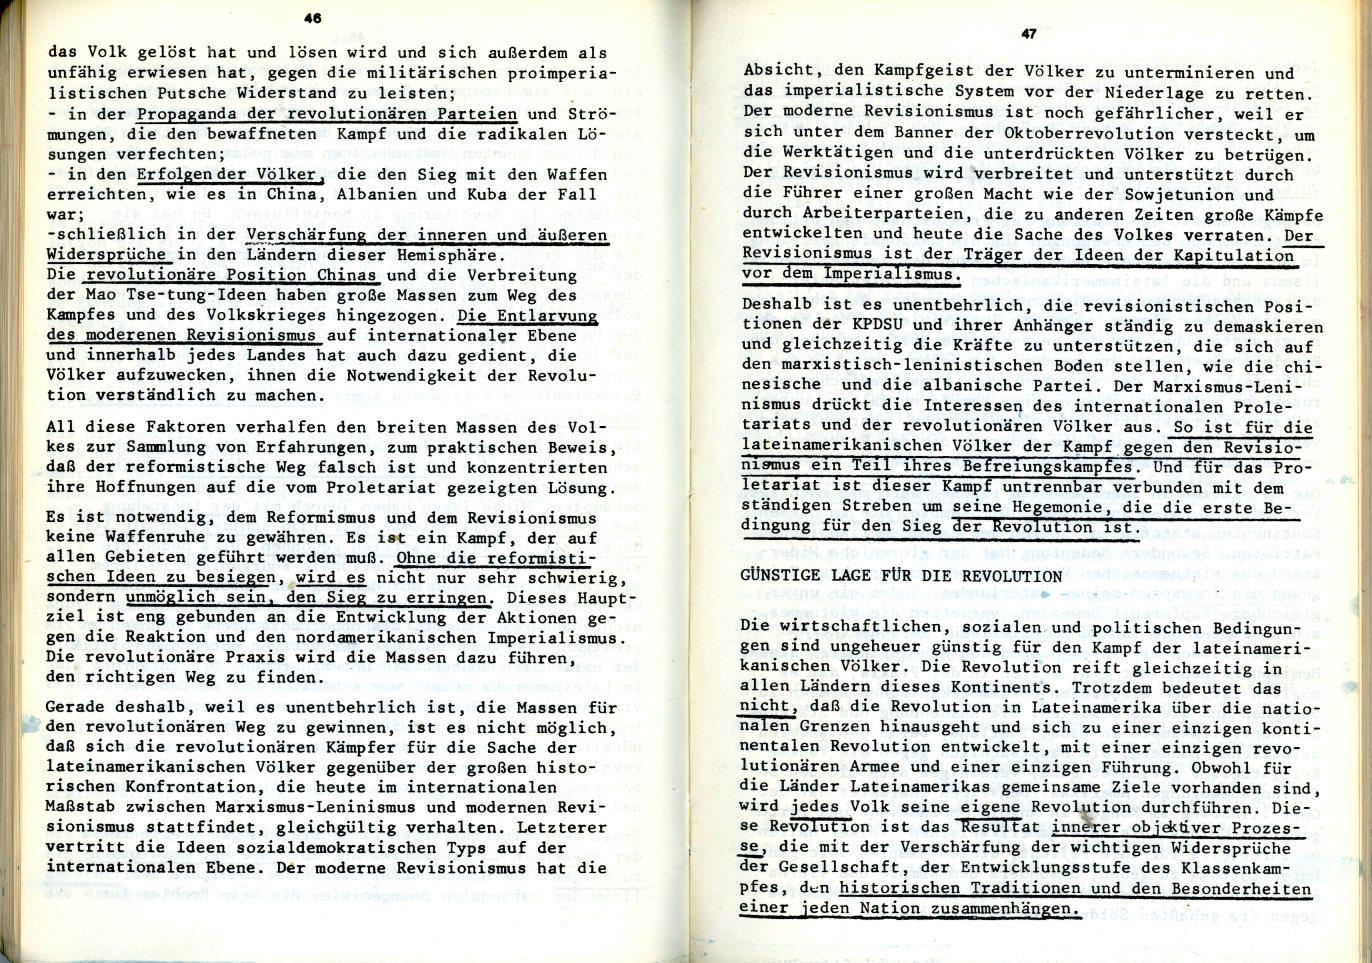 MLSK_Theorie_und_Praxis_des_ML_1978_20_32